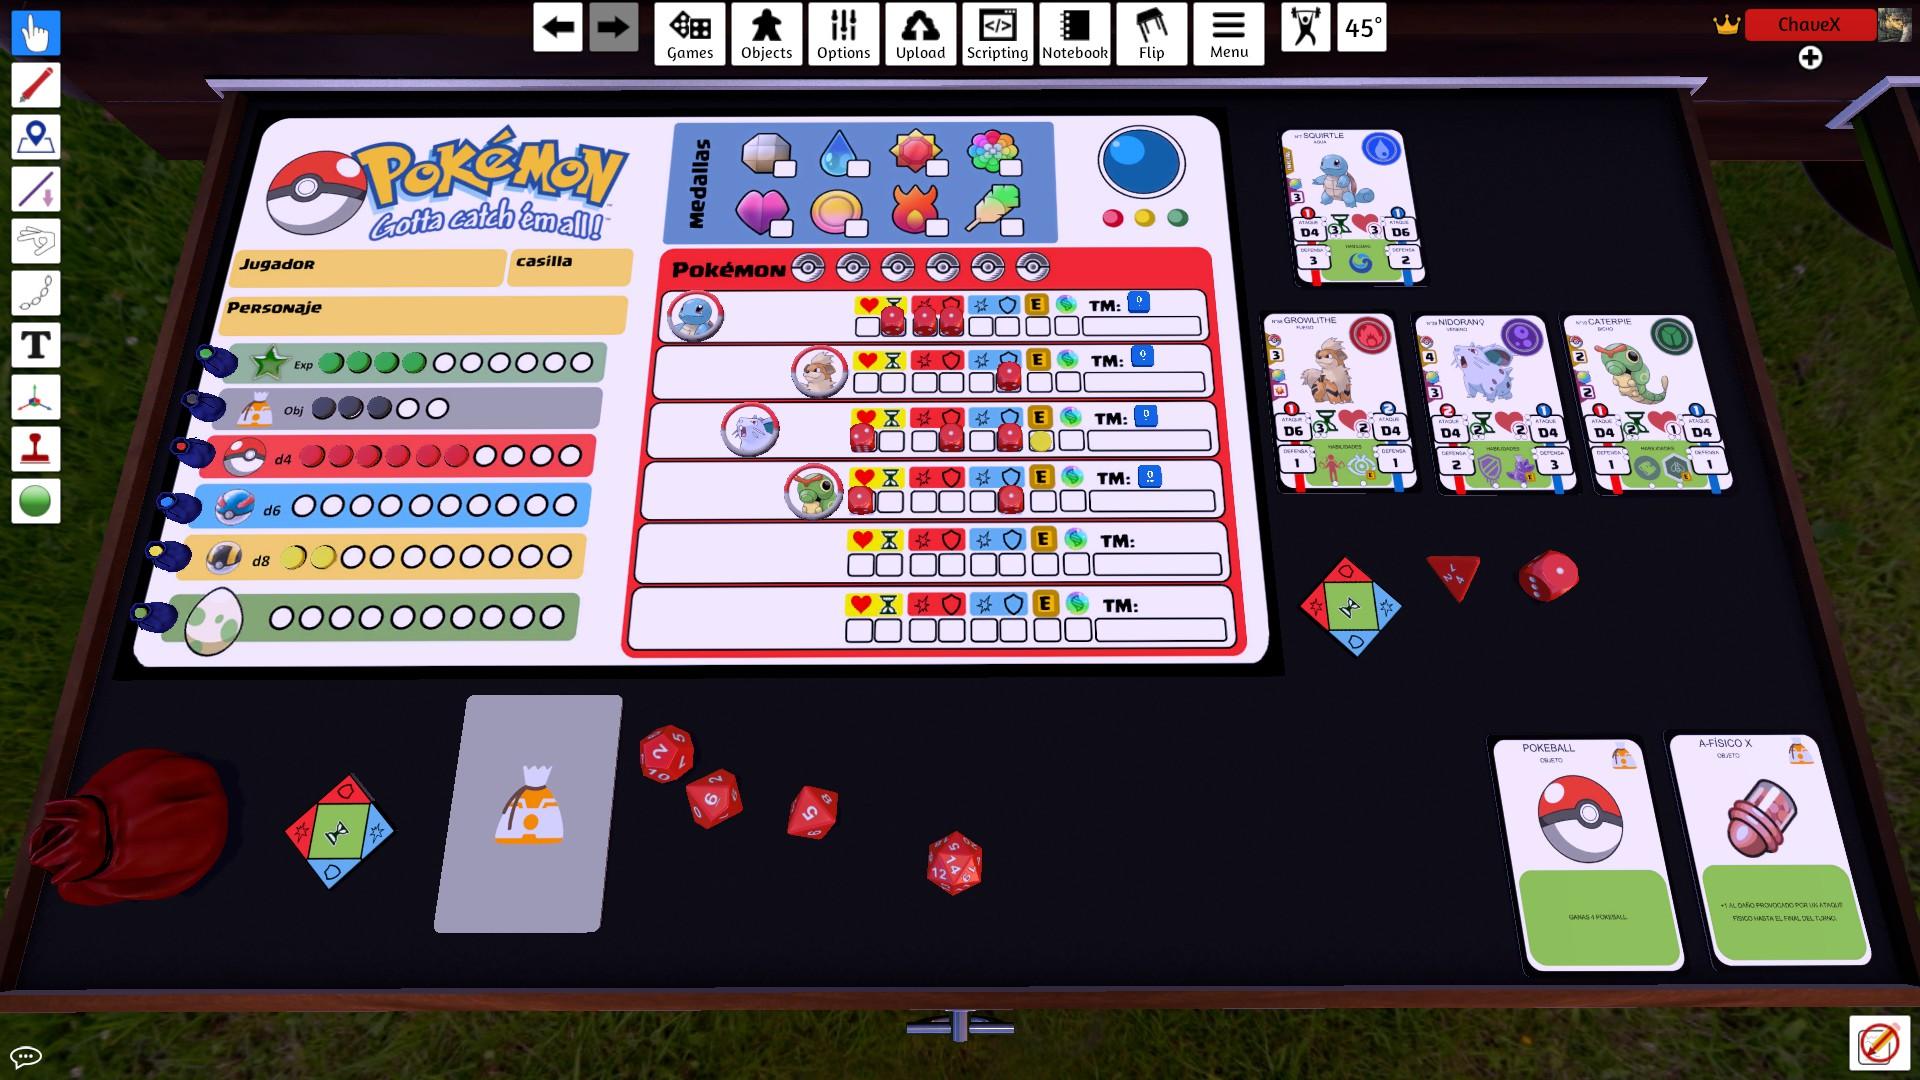 Nebrall Steam WorkshopPokémon Steam Nebrall Steam WorkshopPokémon Games Games WorkshopPokémon SpUqzMVG